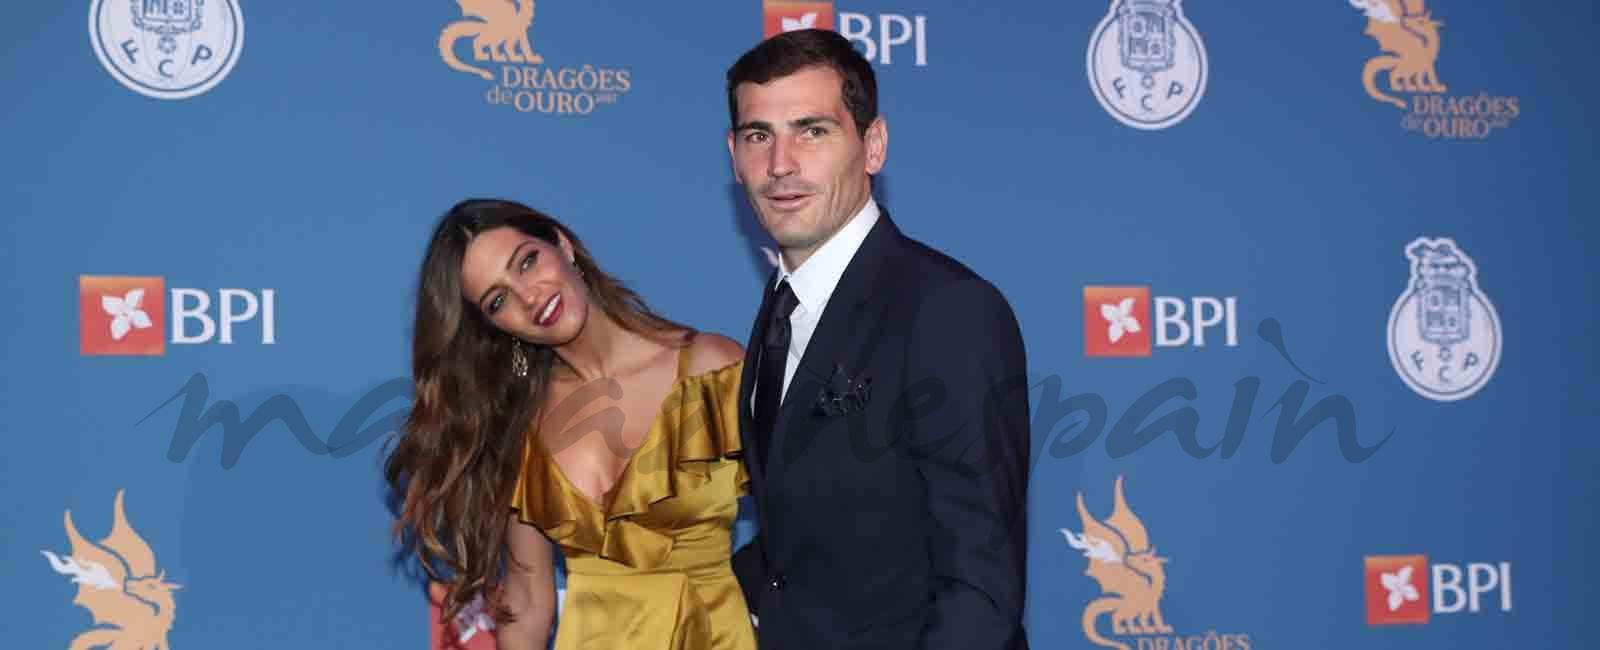 Sara Carbonero triunfa con su look en la Gala Dragones en Oporto